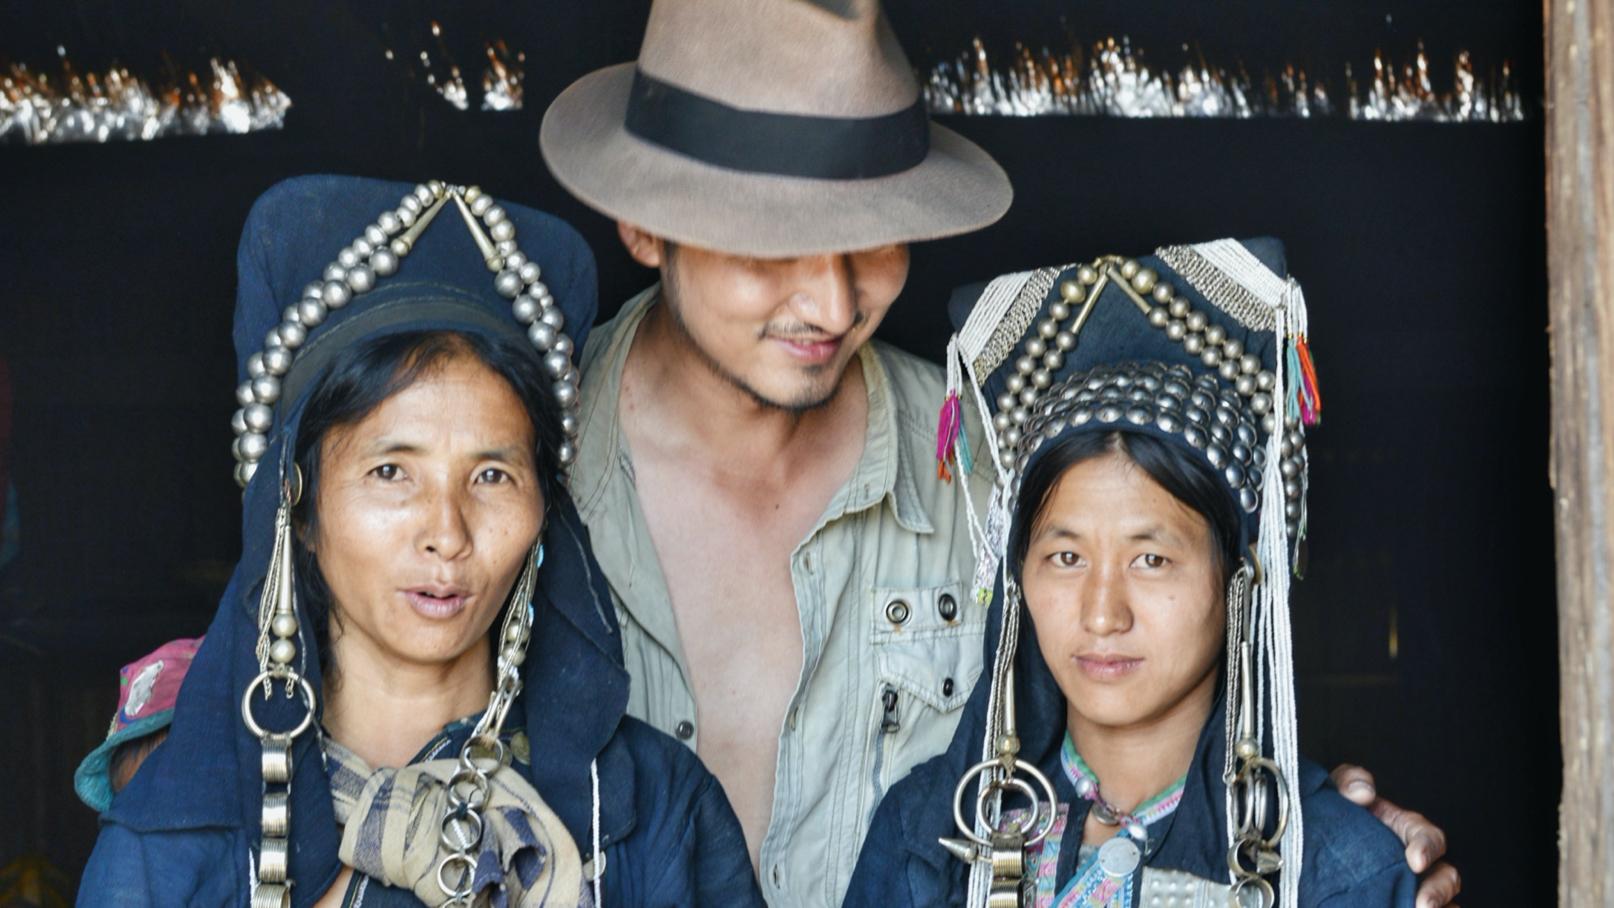 世界上最奇特的四个民族,雷探长亲身探访,又又又被坑了